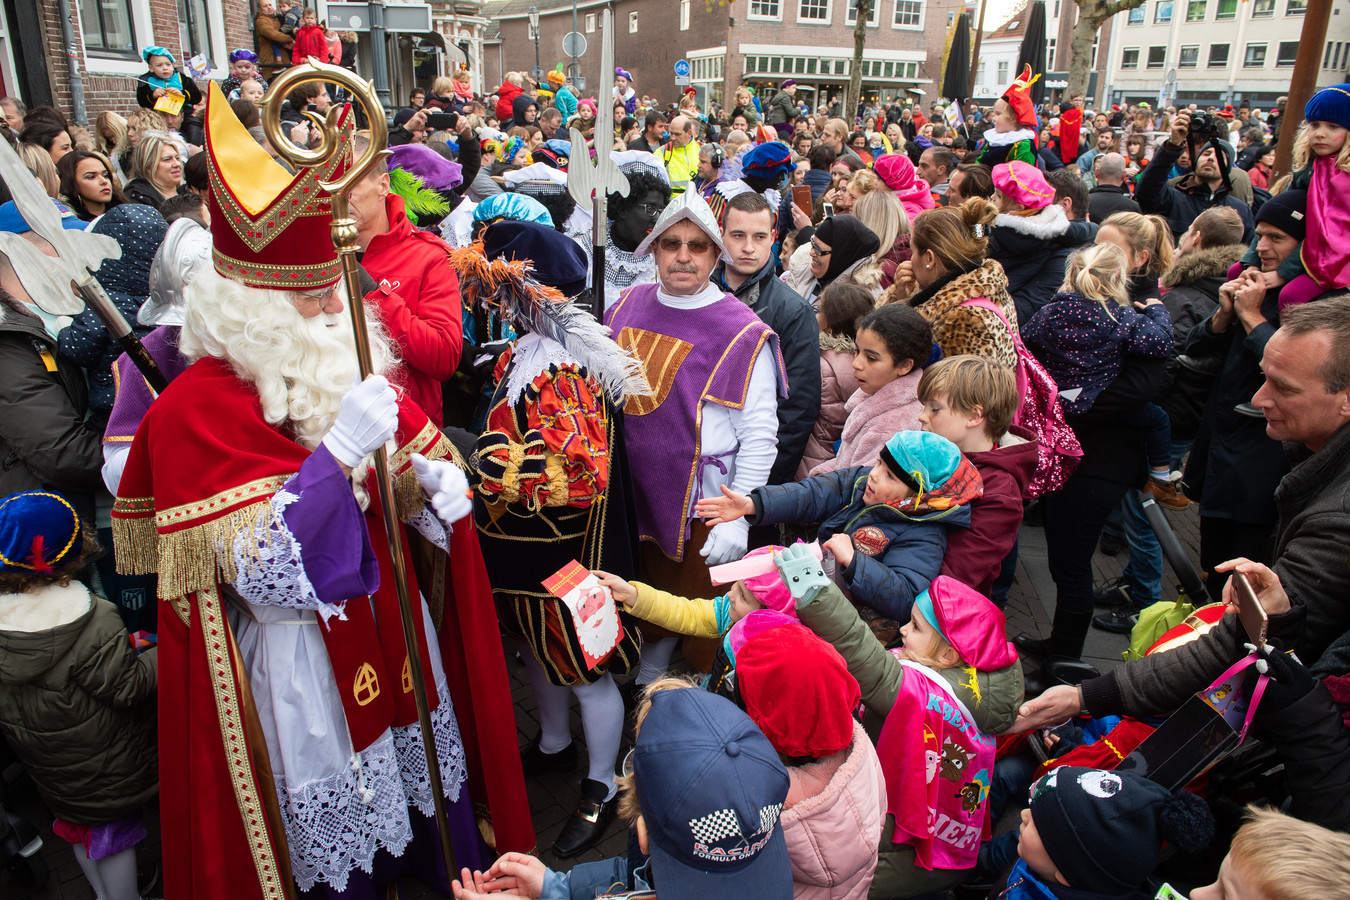 De intocht van Sinterklaas in Breda in 2019.